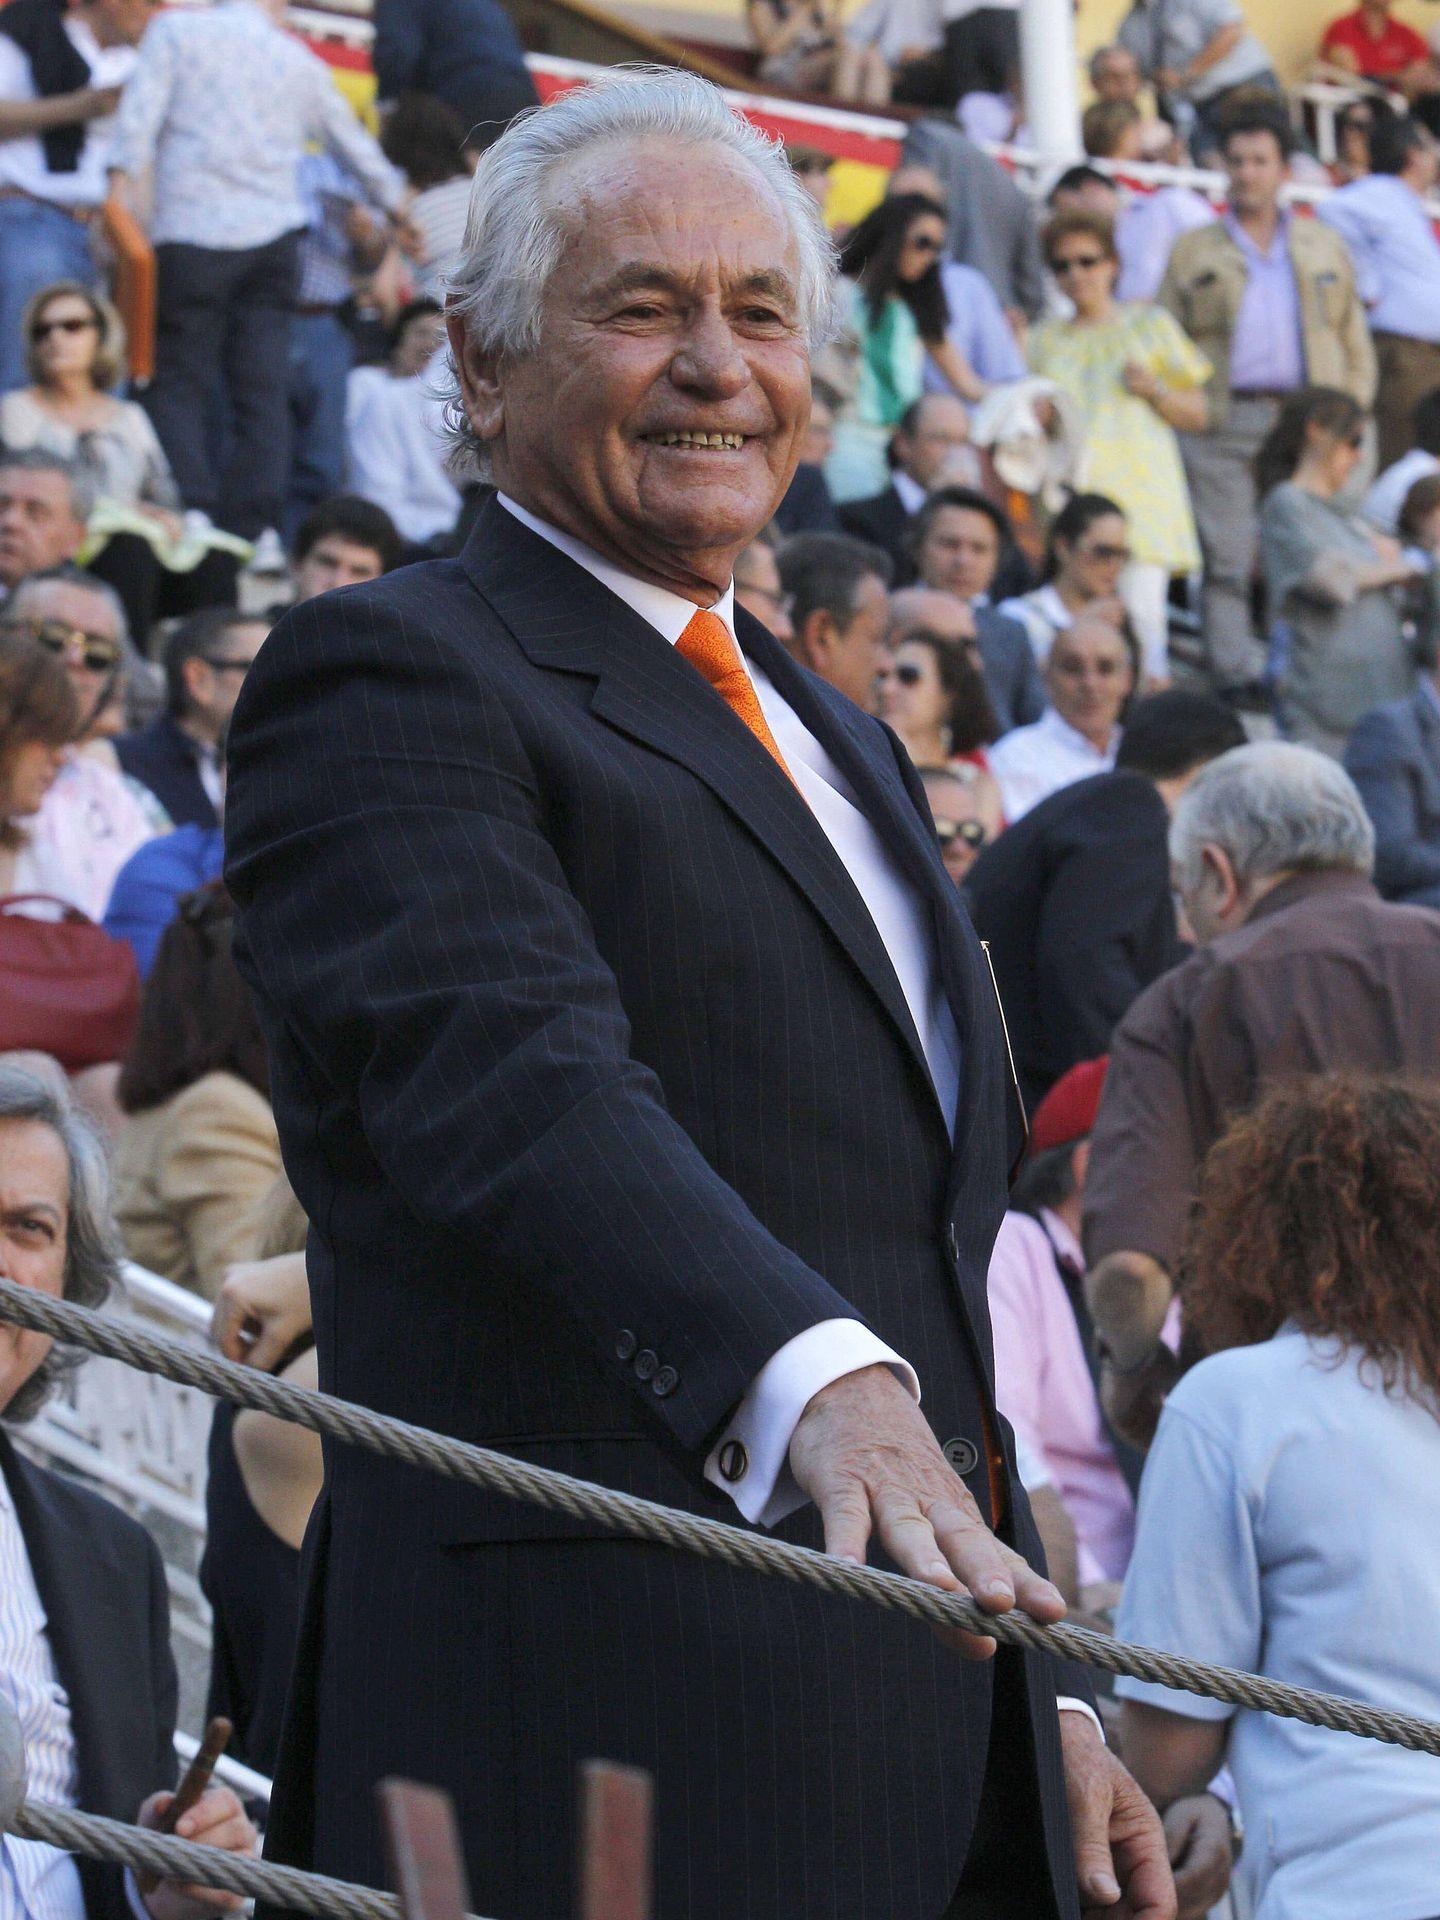 Palomo Linares, en la plaza como espectador. (EFE)